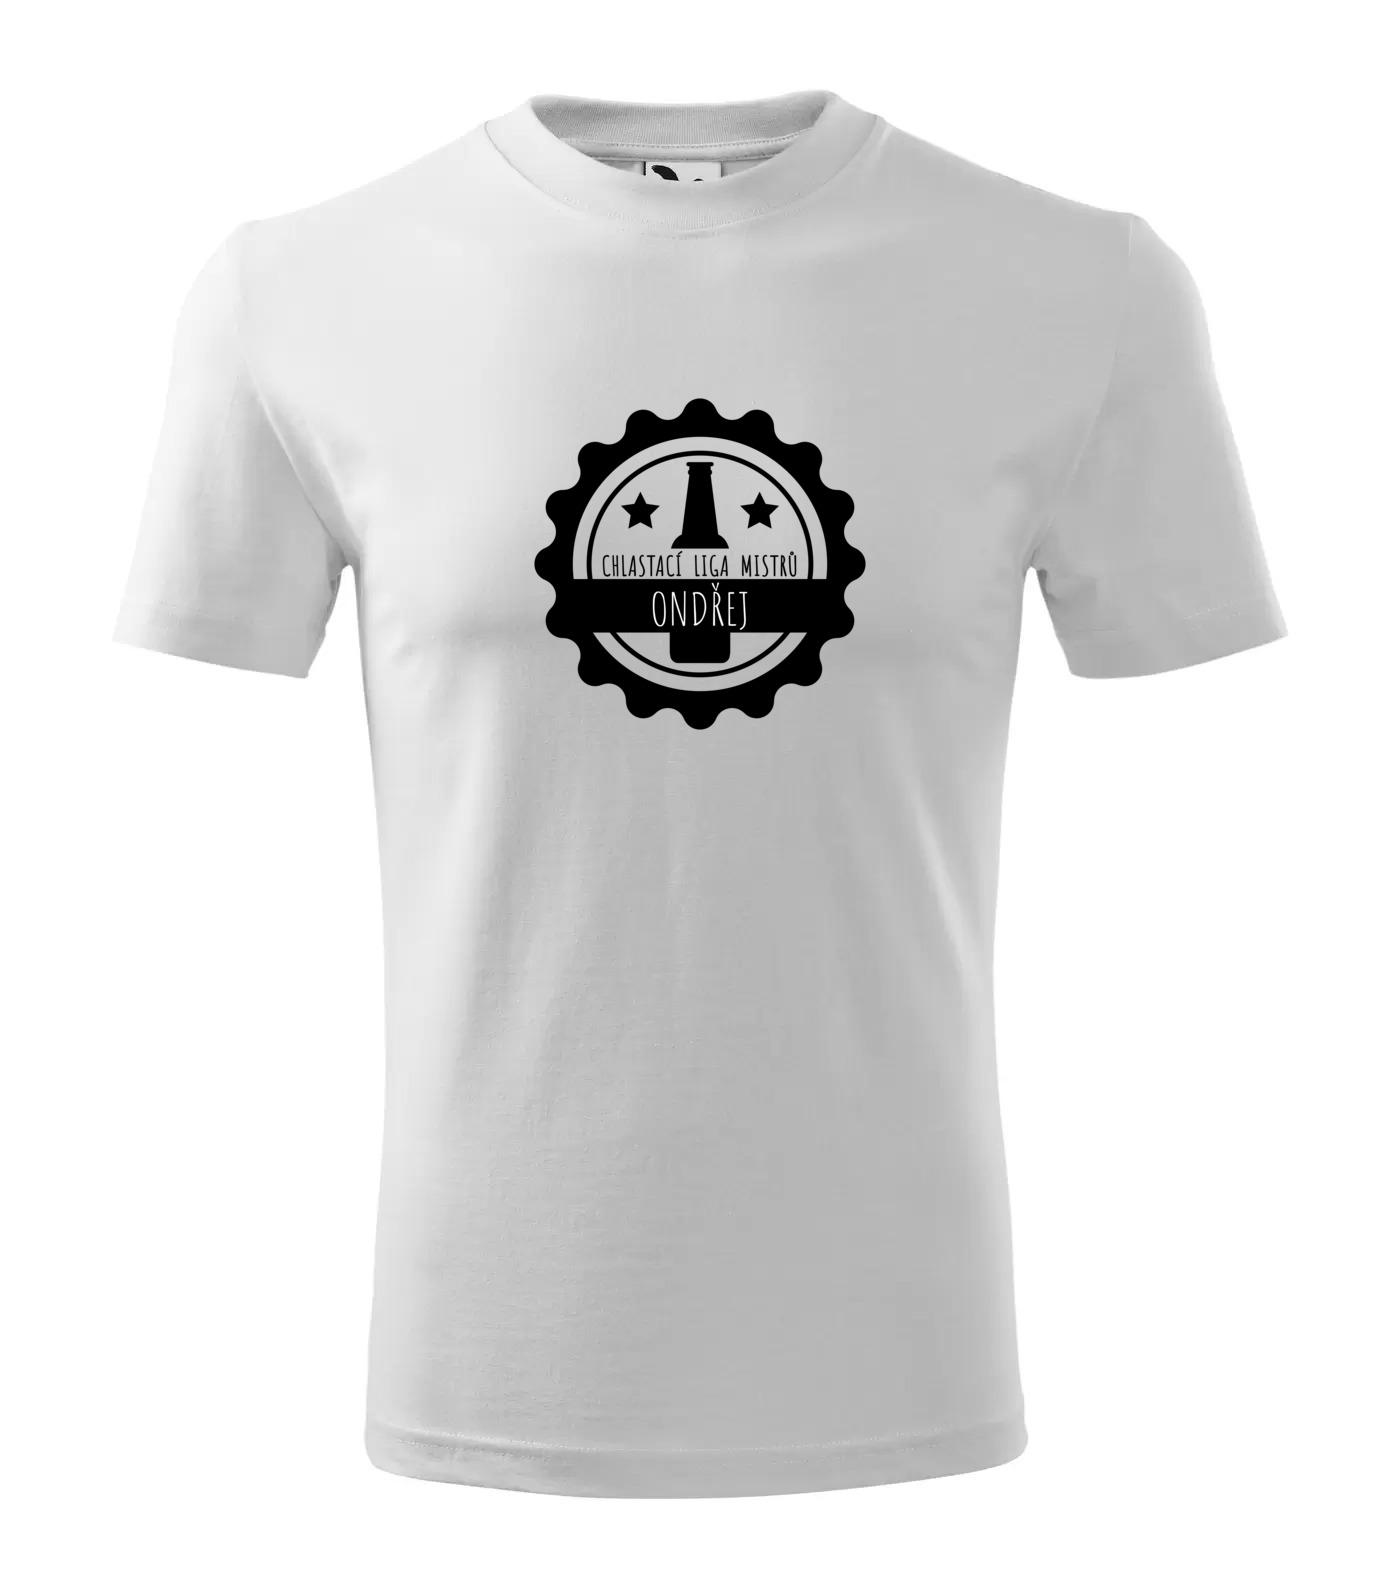 Tričko Chlastací liga mužů Ondřej